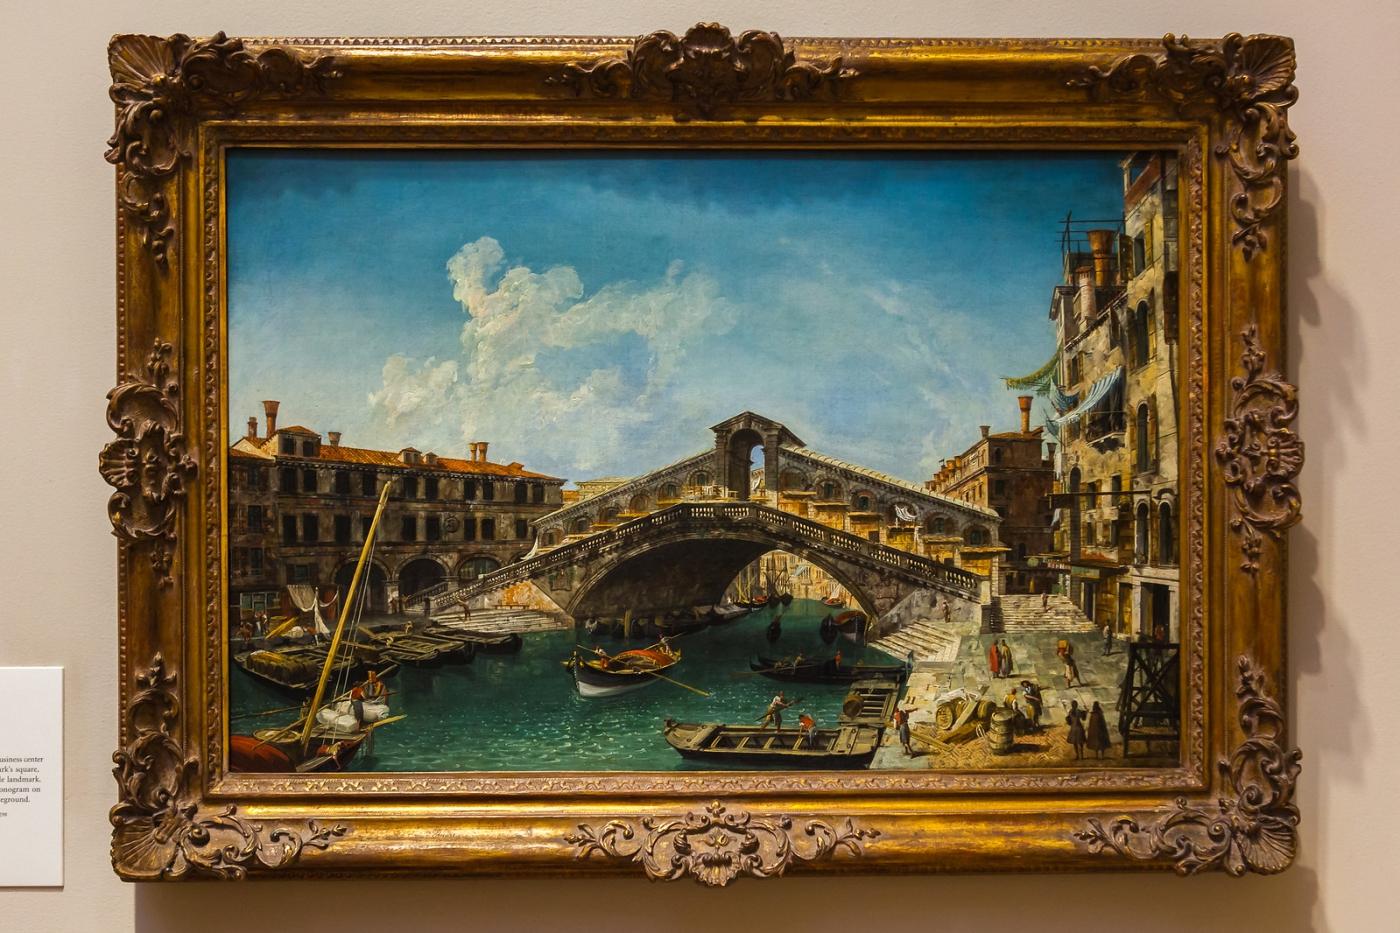 费城艺术馆,那些馆藏稀世油画_图1-5